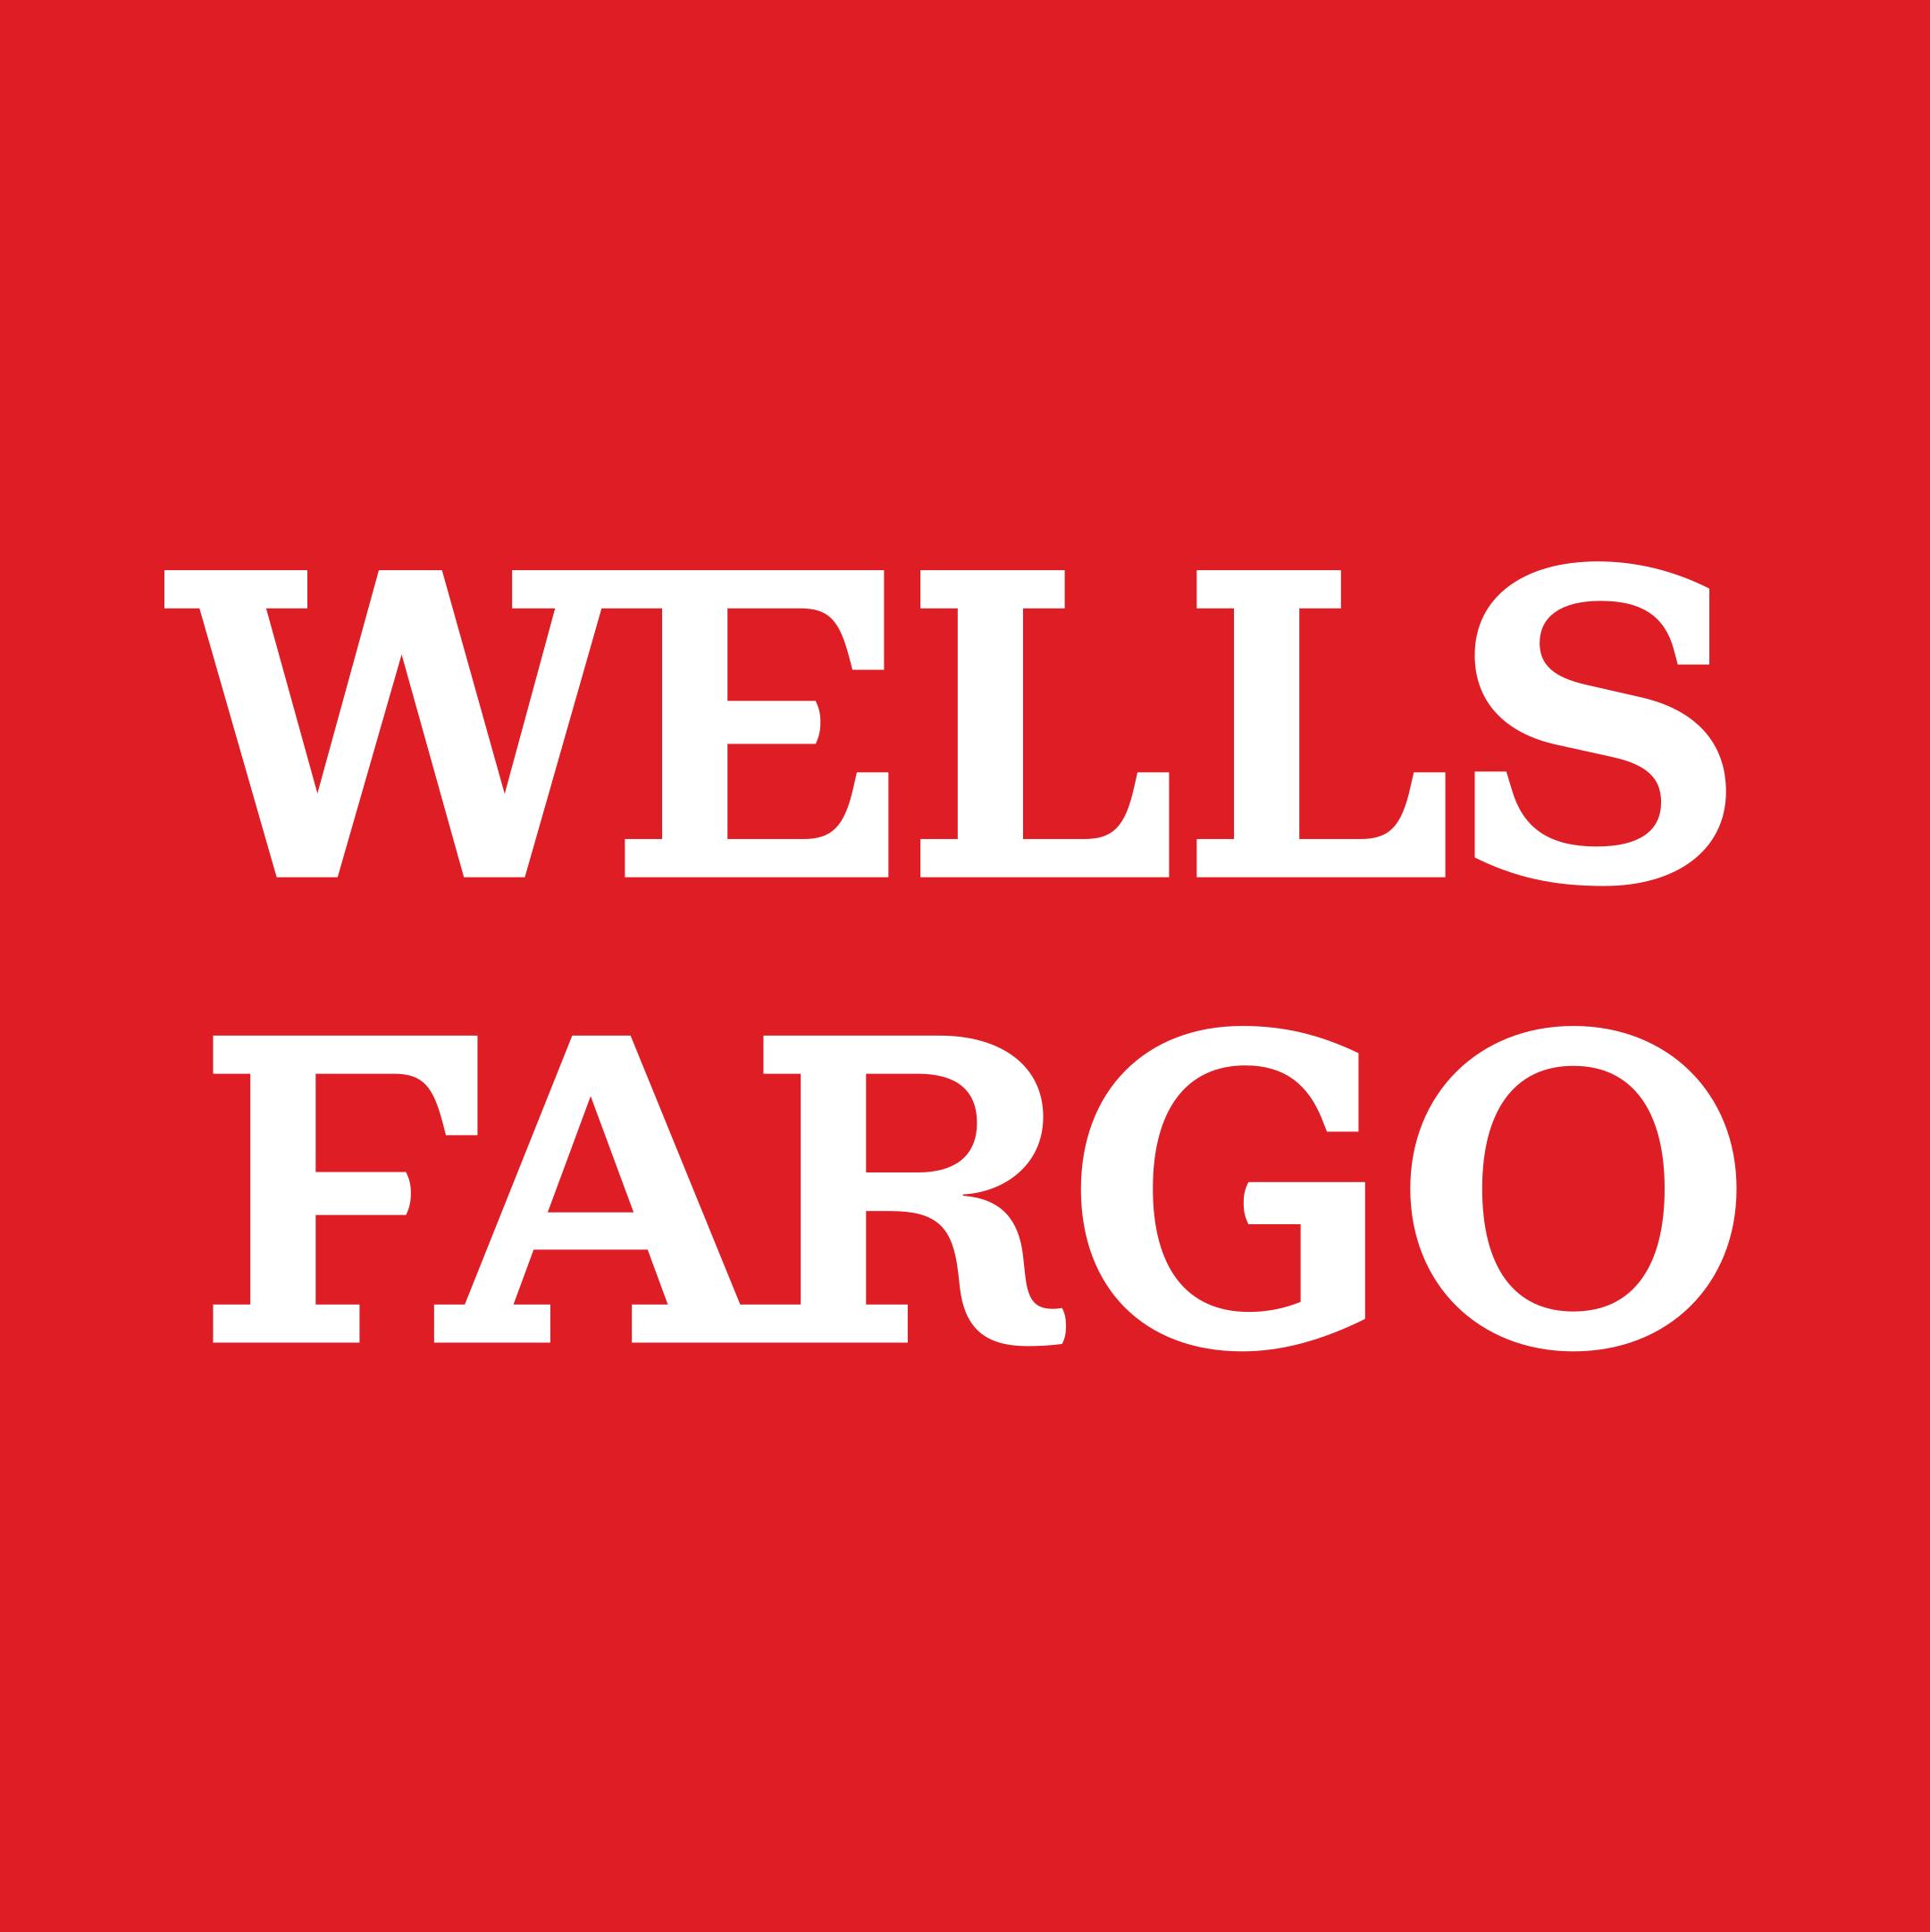 wells fargo logo 1 - Wells Fargo Logo